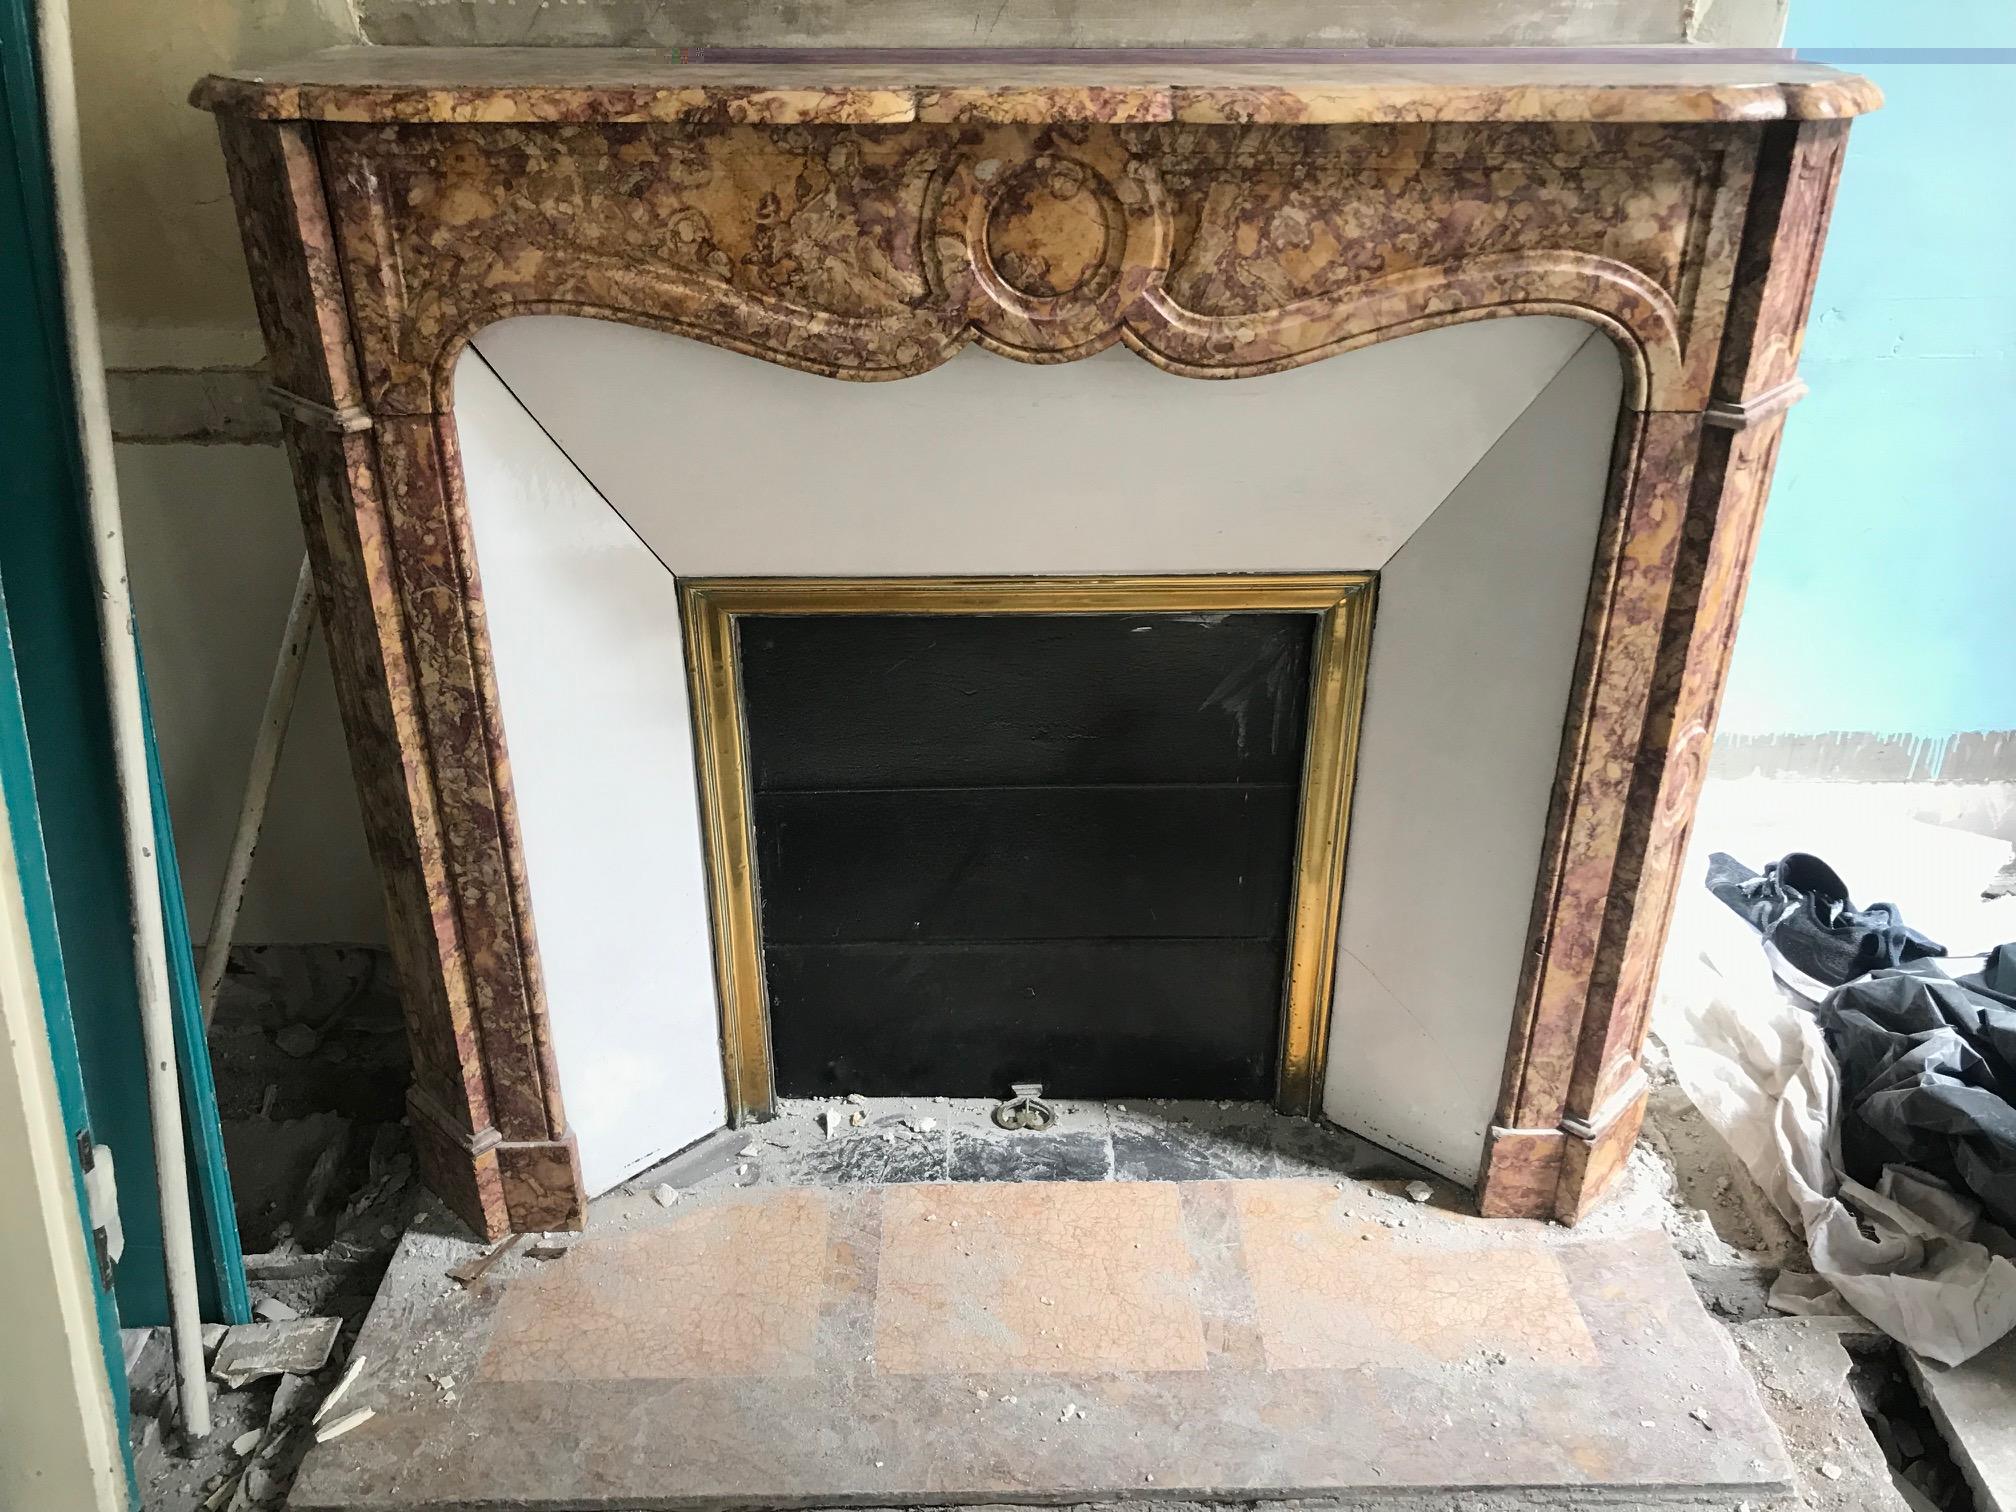 jolie chemin e ancienne de style louis xv dite pompadour en marbre brocatelle jaune datant de la